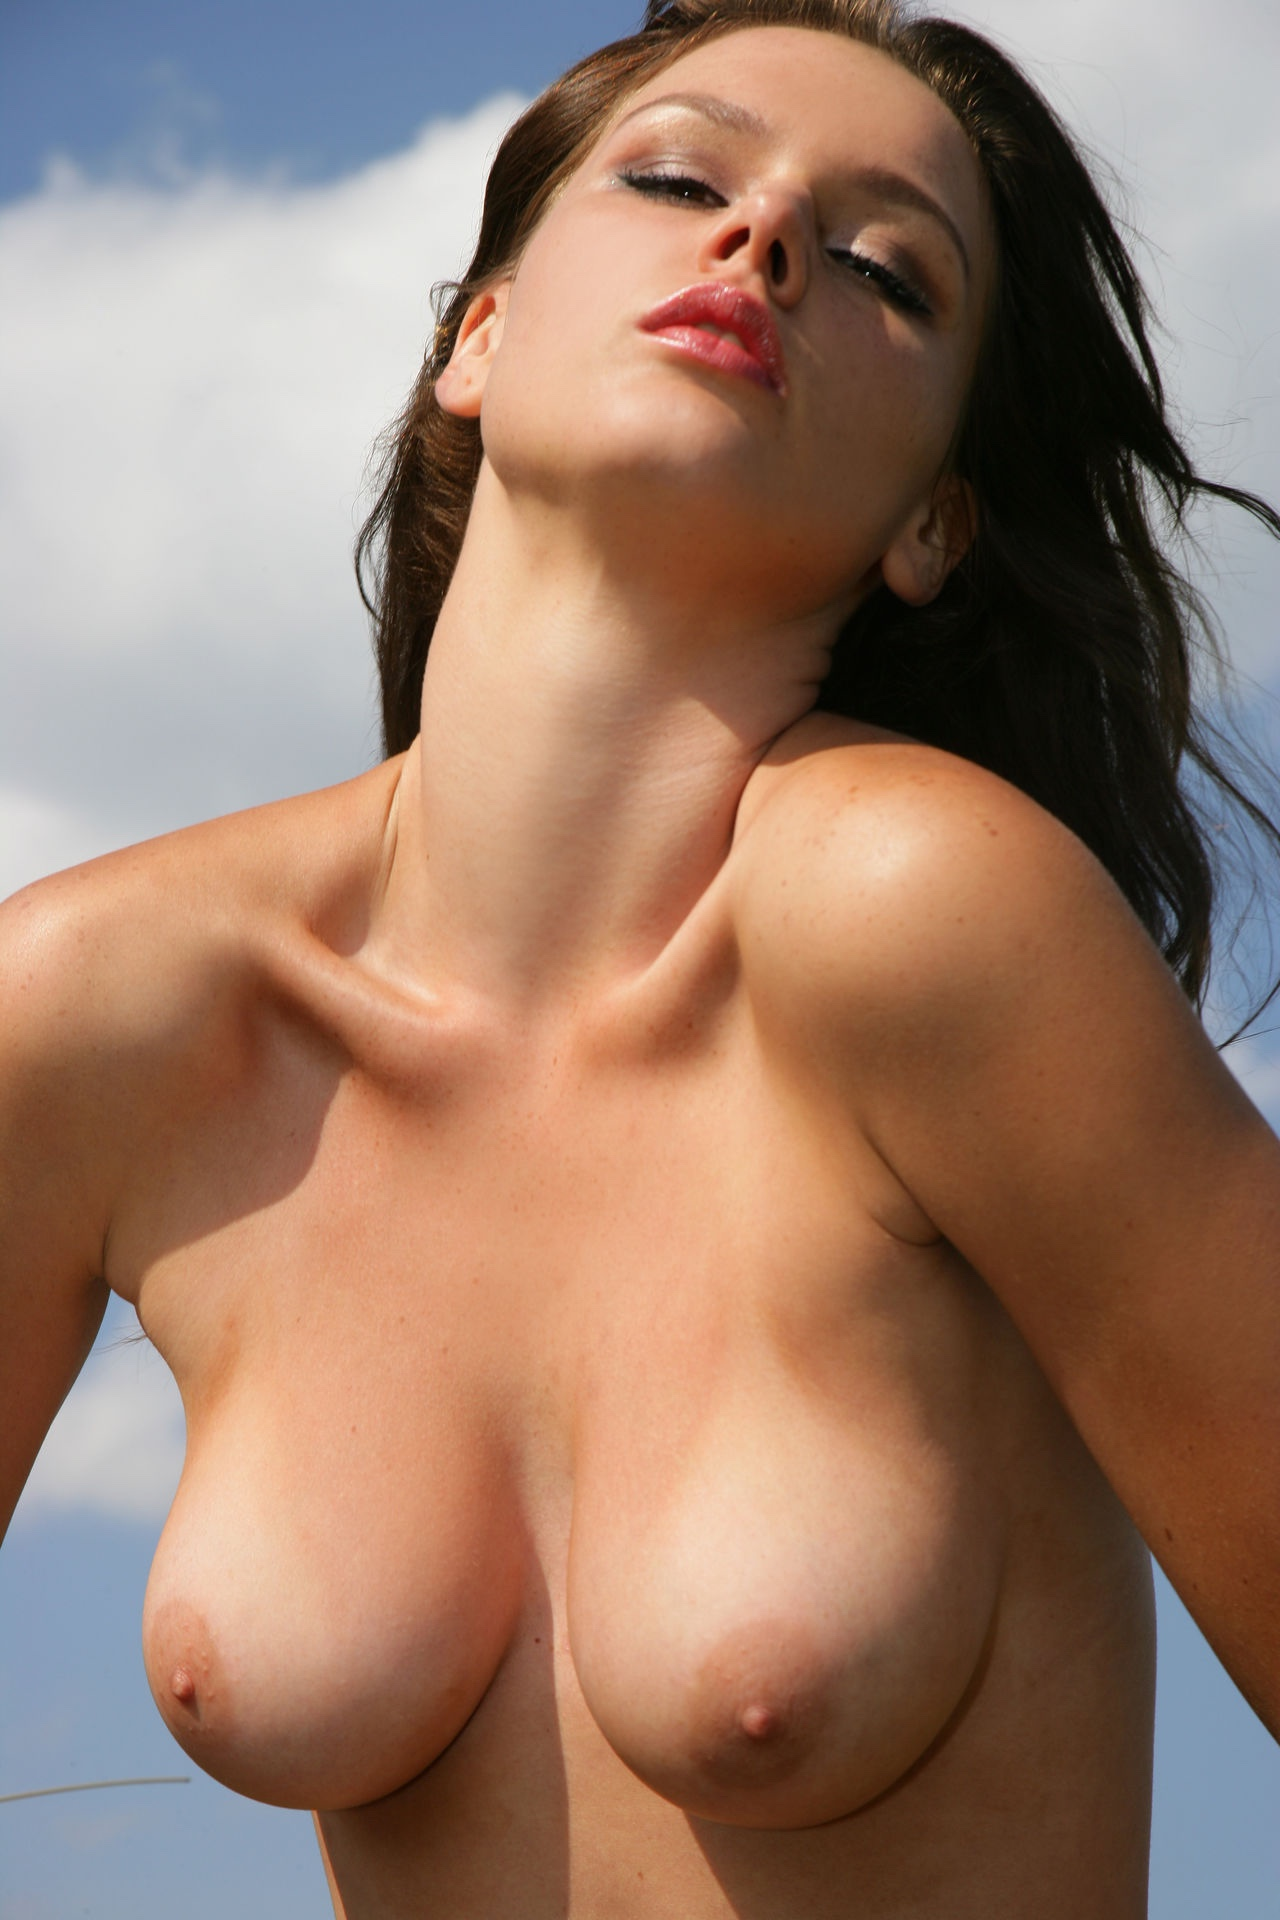 【日焼けエロ画像】白黒クッキリが欲情を倍増させる海外美女の日焼け美乳(;´Д`)